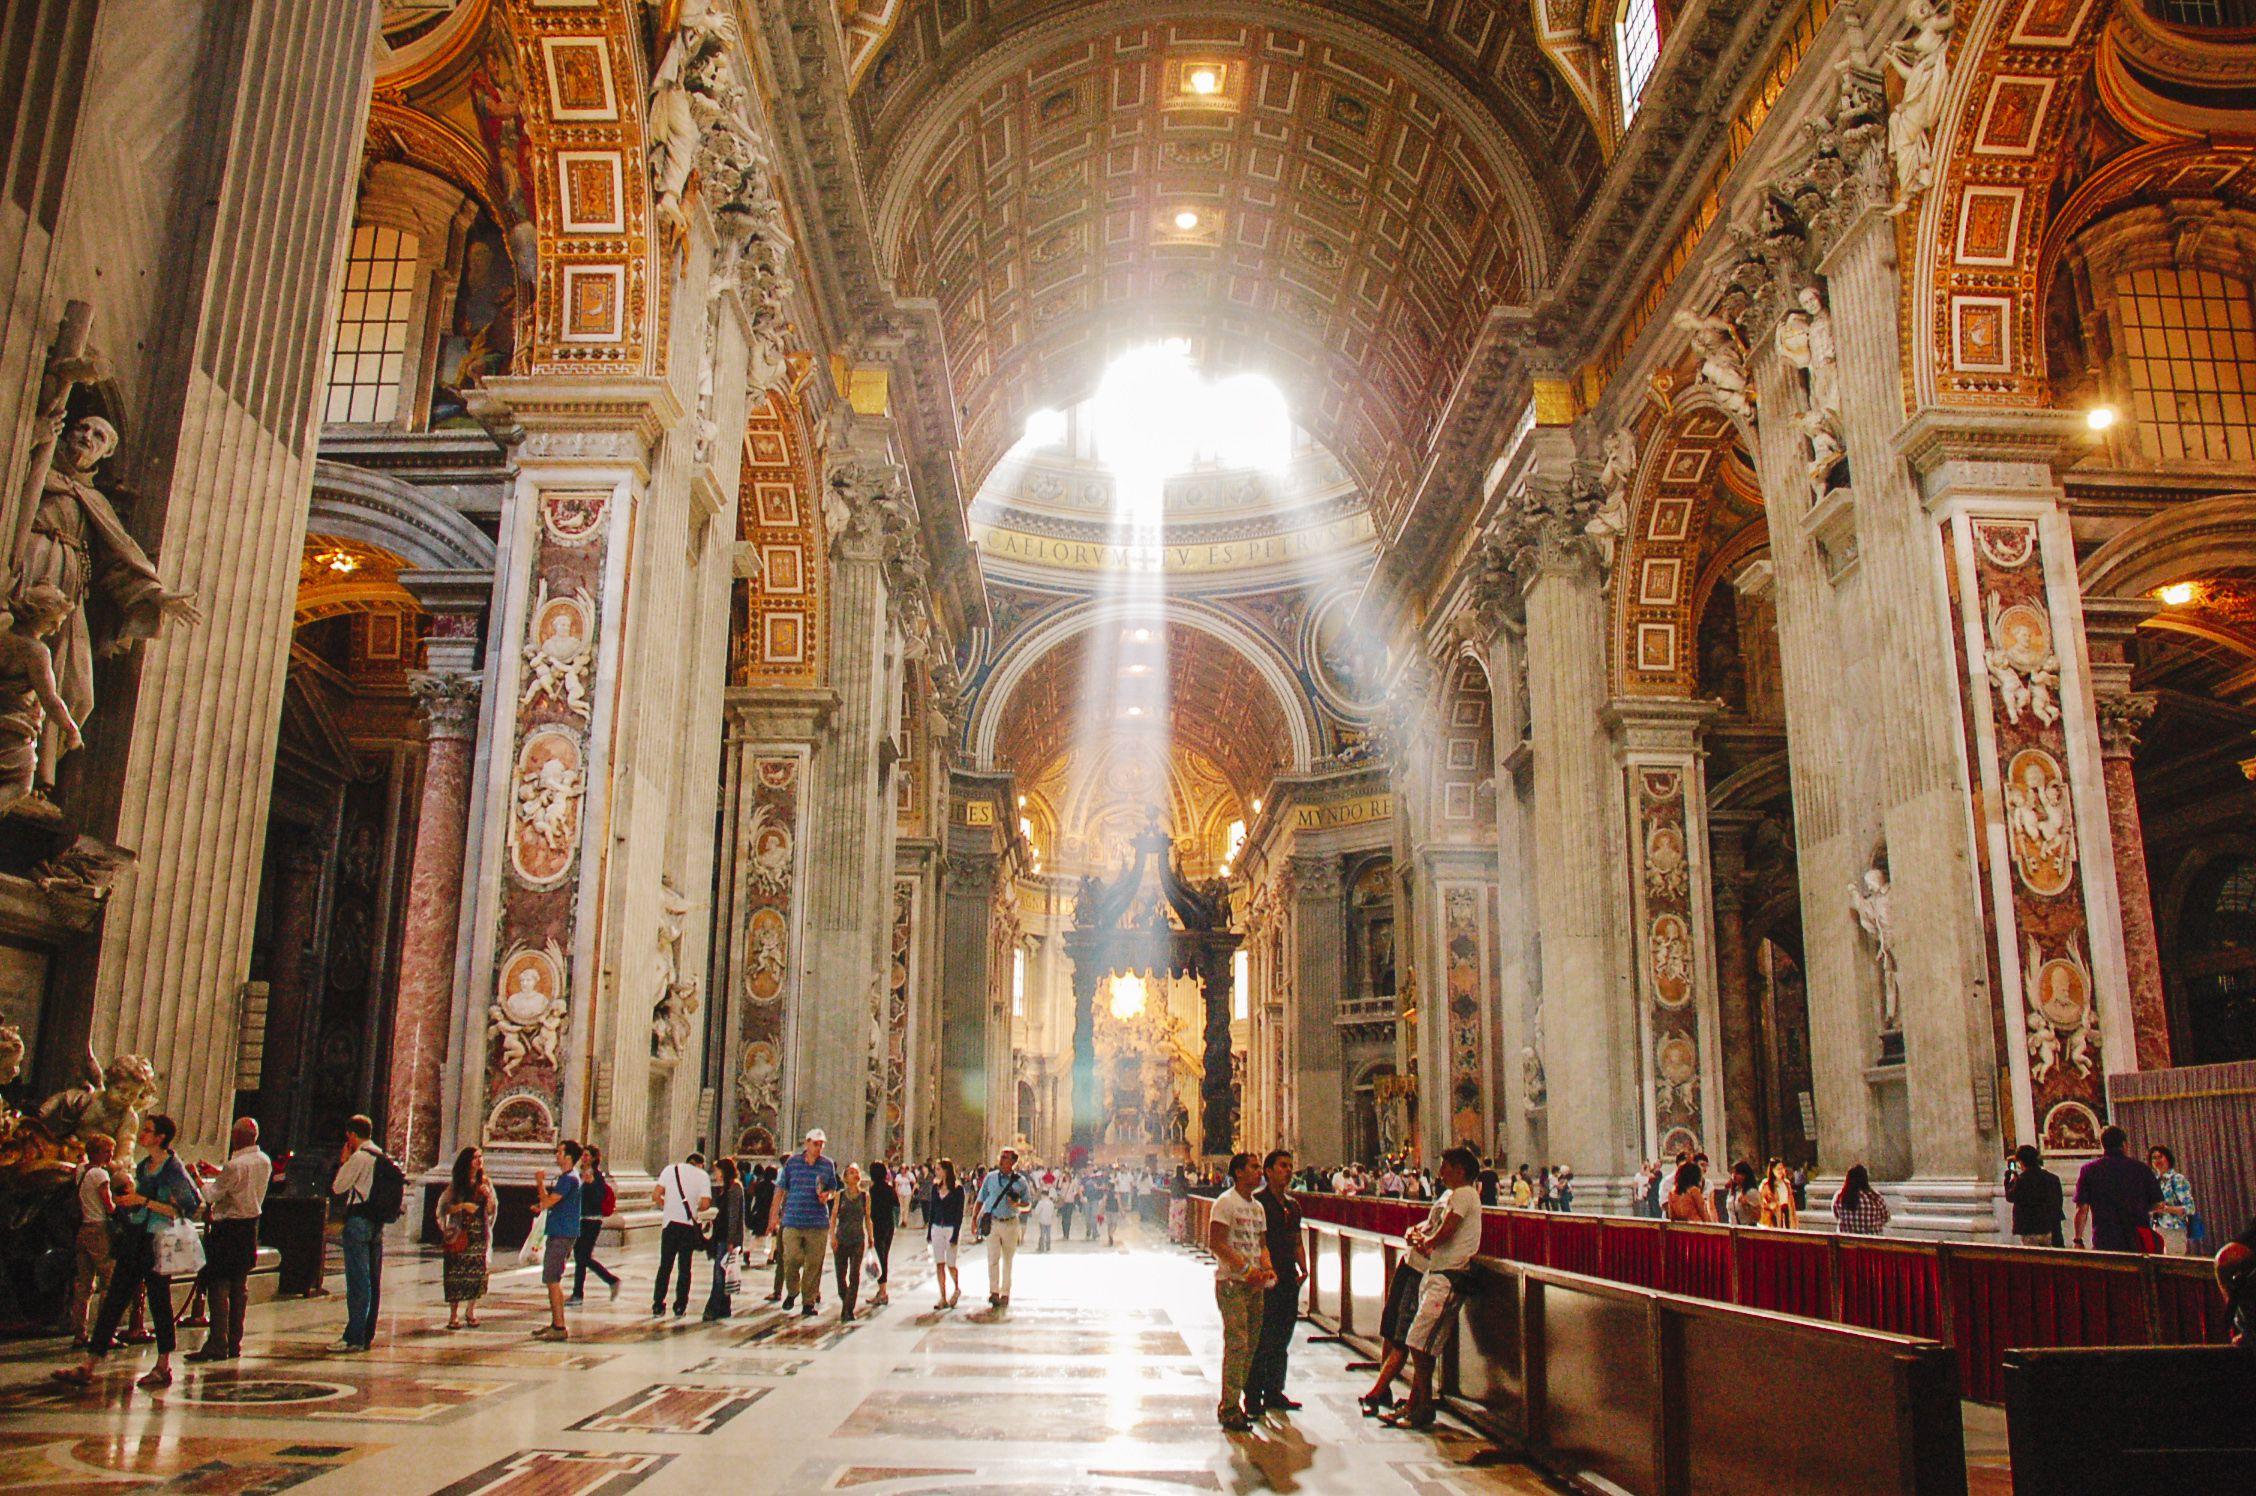 Sol brillando a través de las ventanas de la Basílica de San Pedro